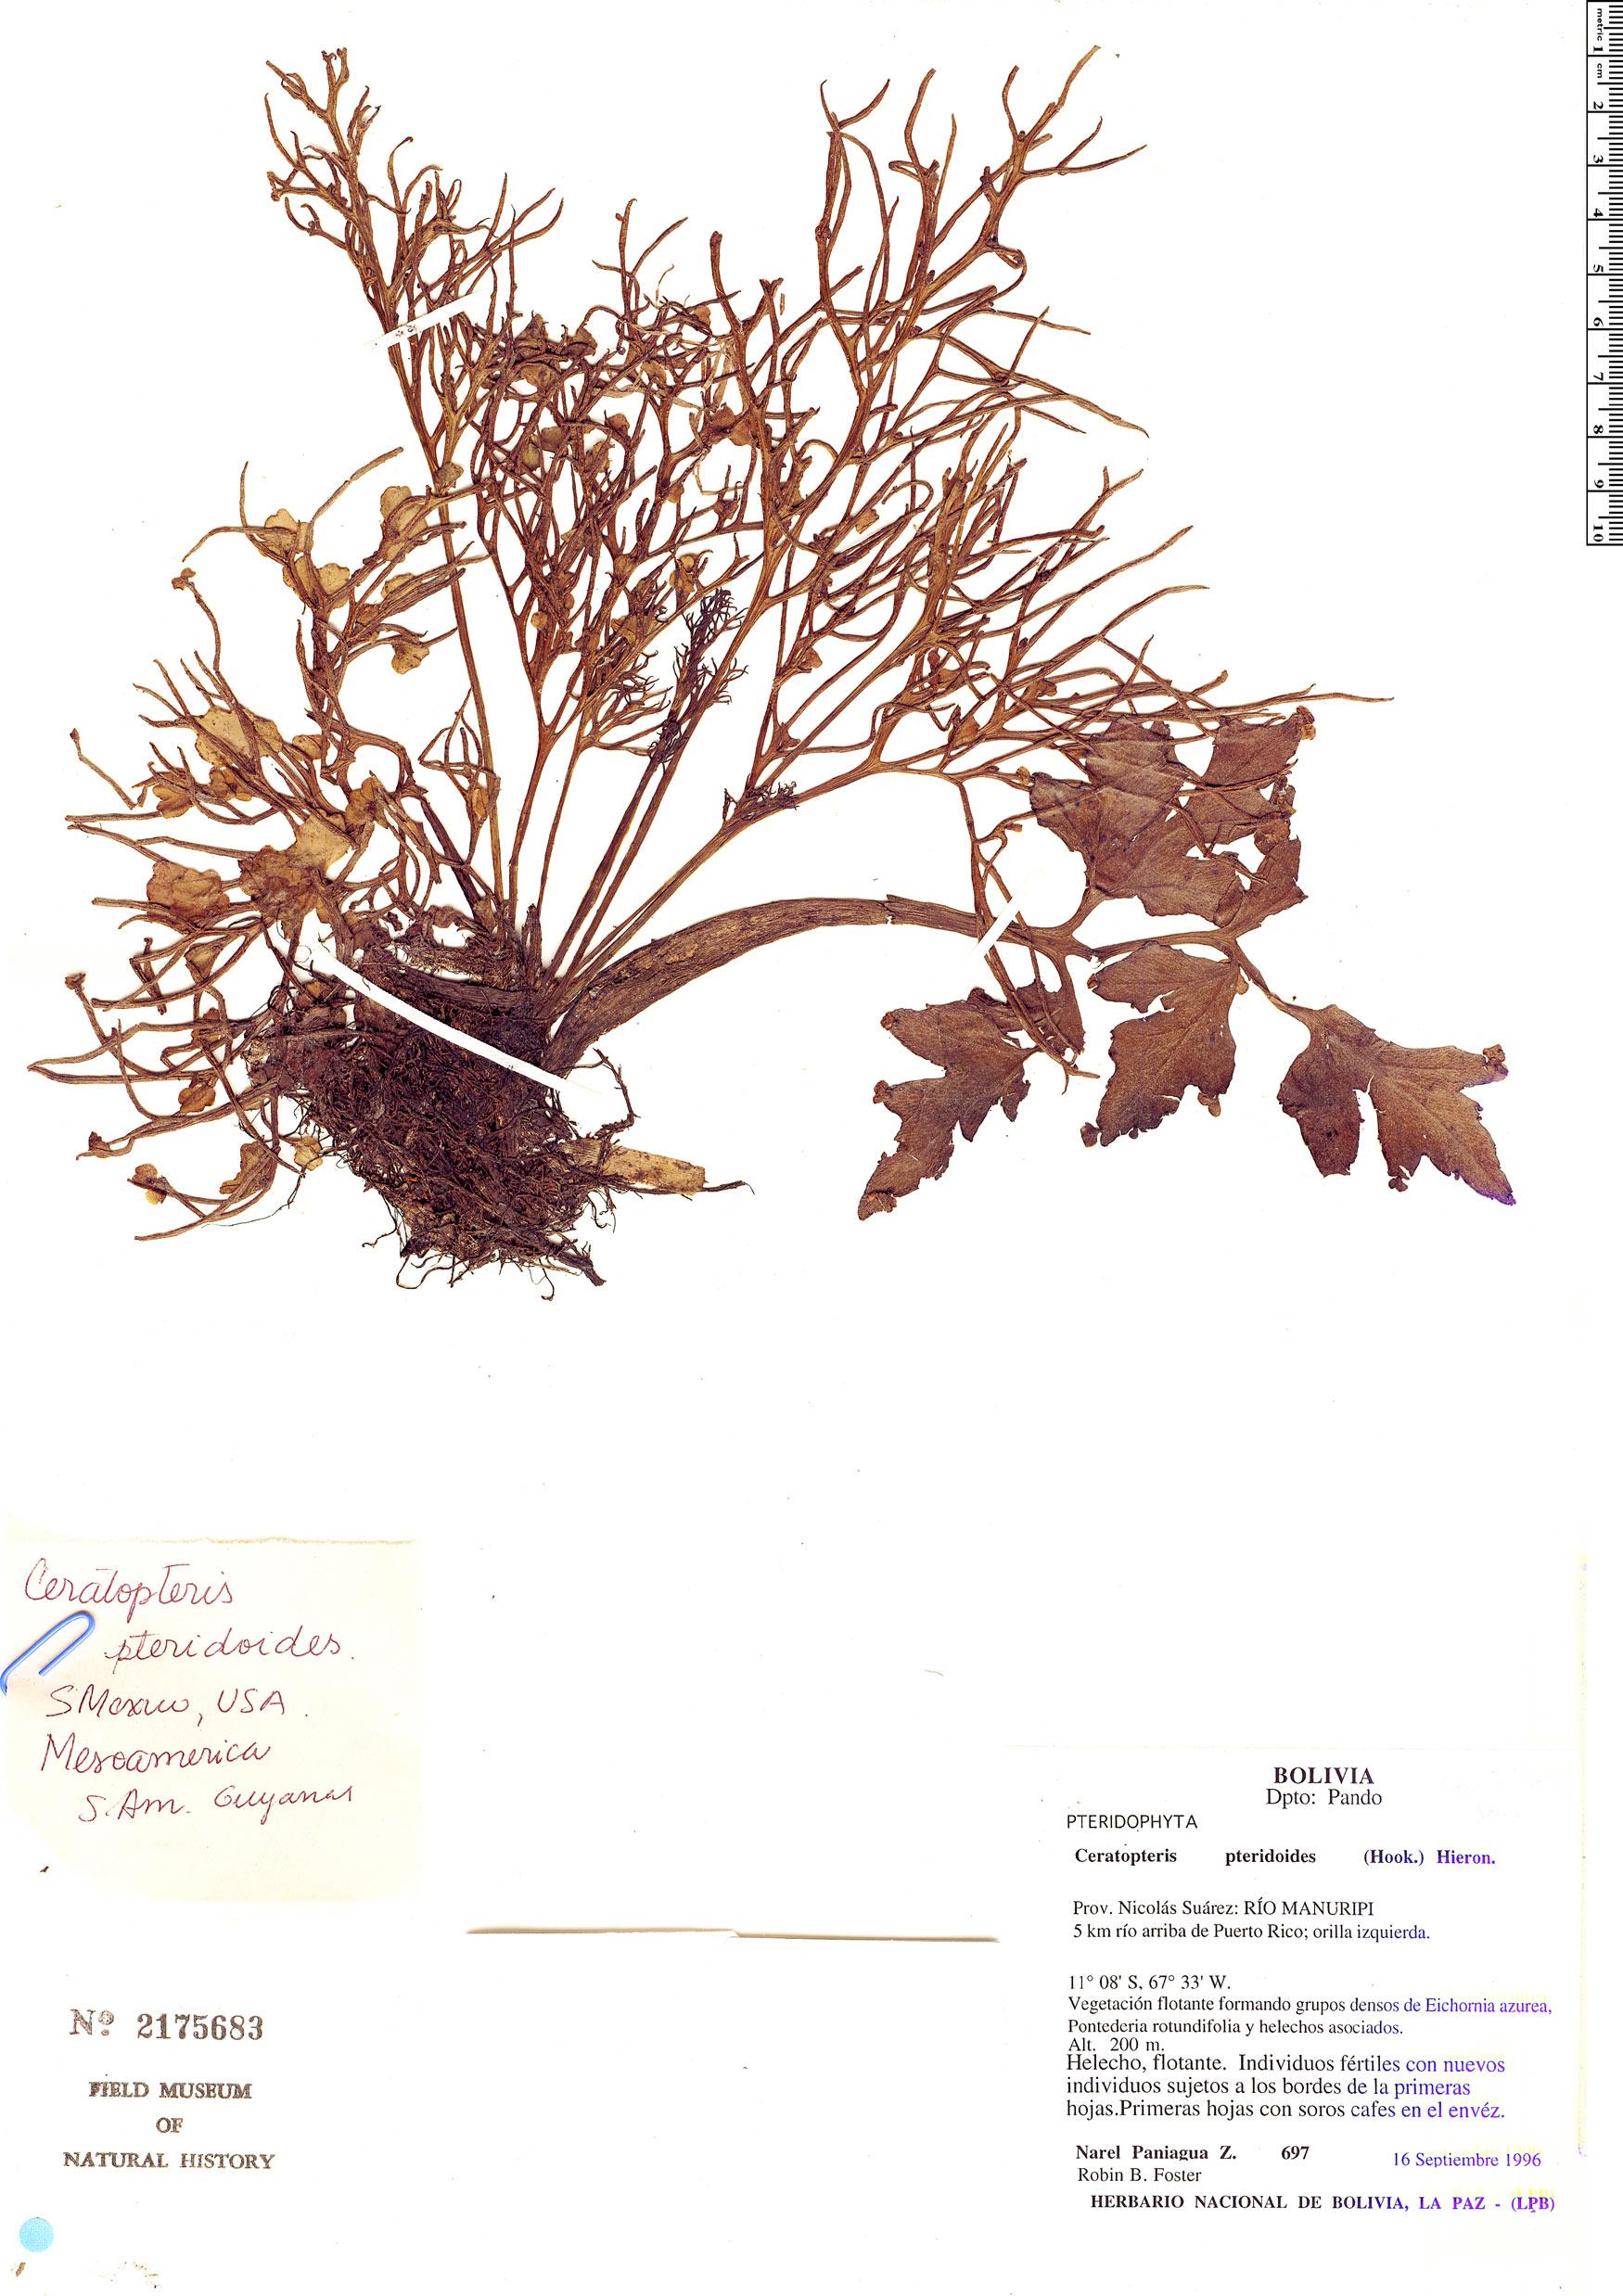 Specimen: Ceratopteris pteridoides